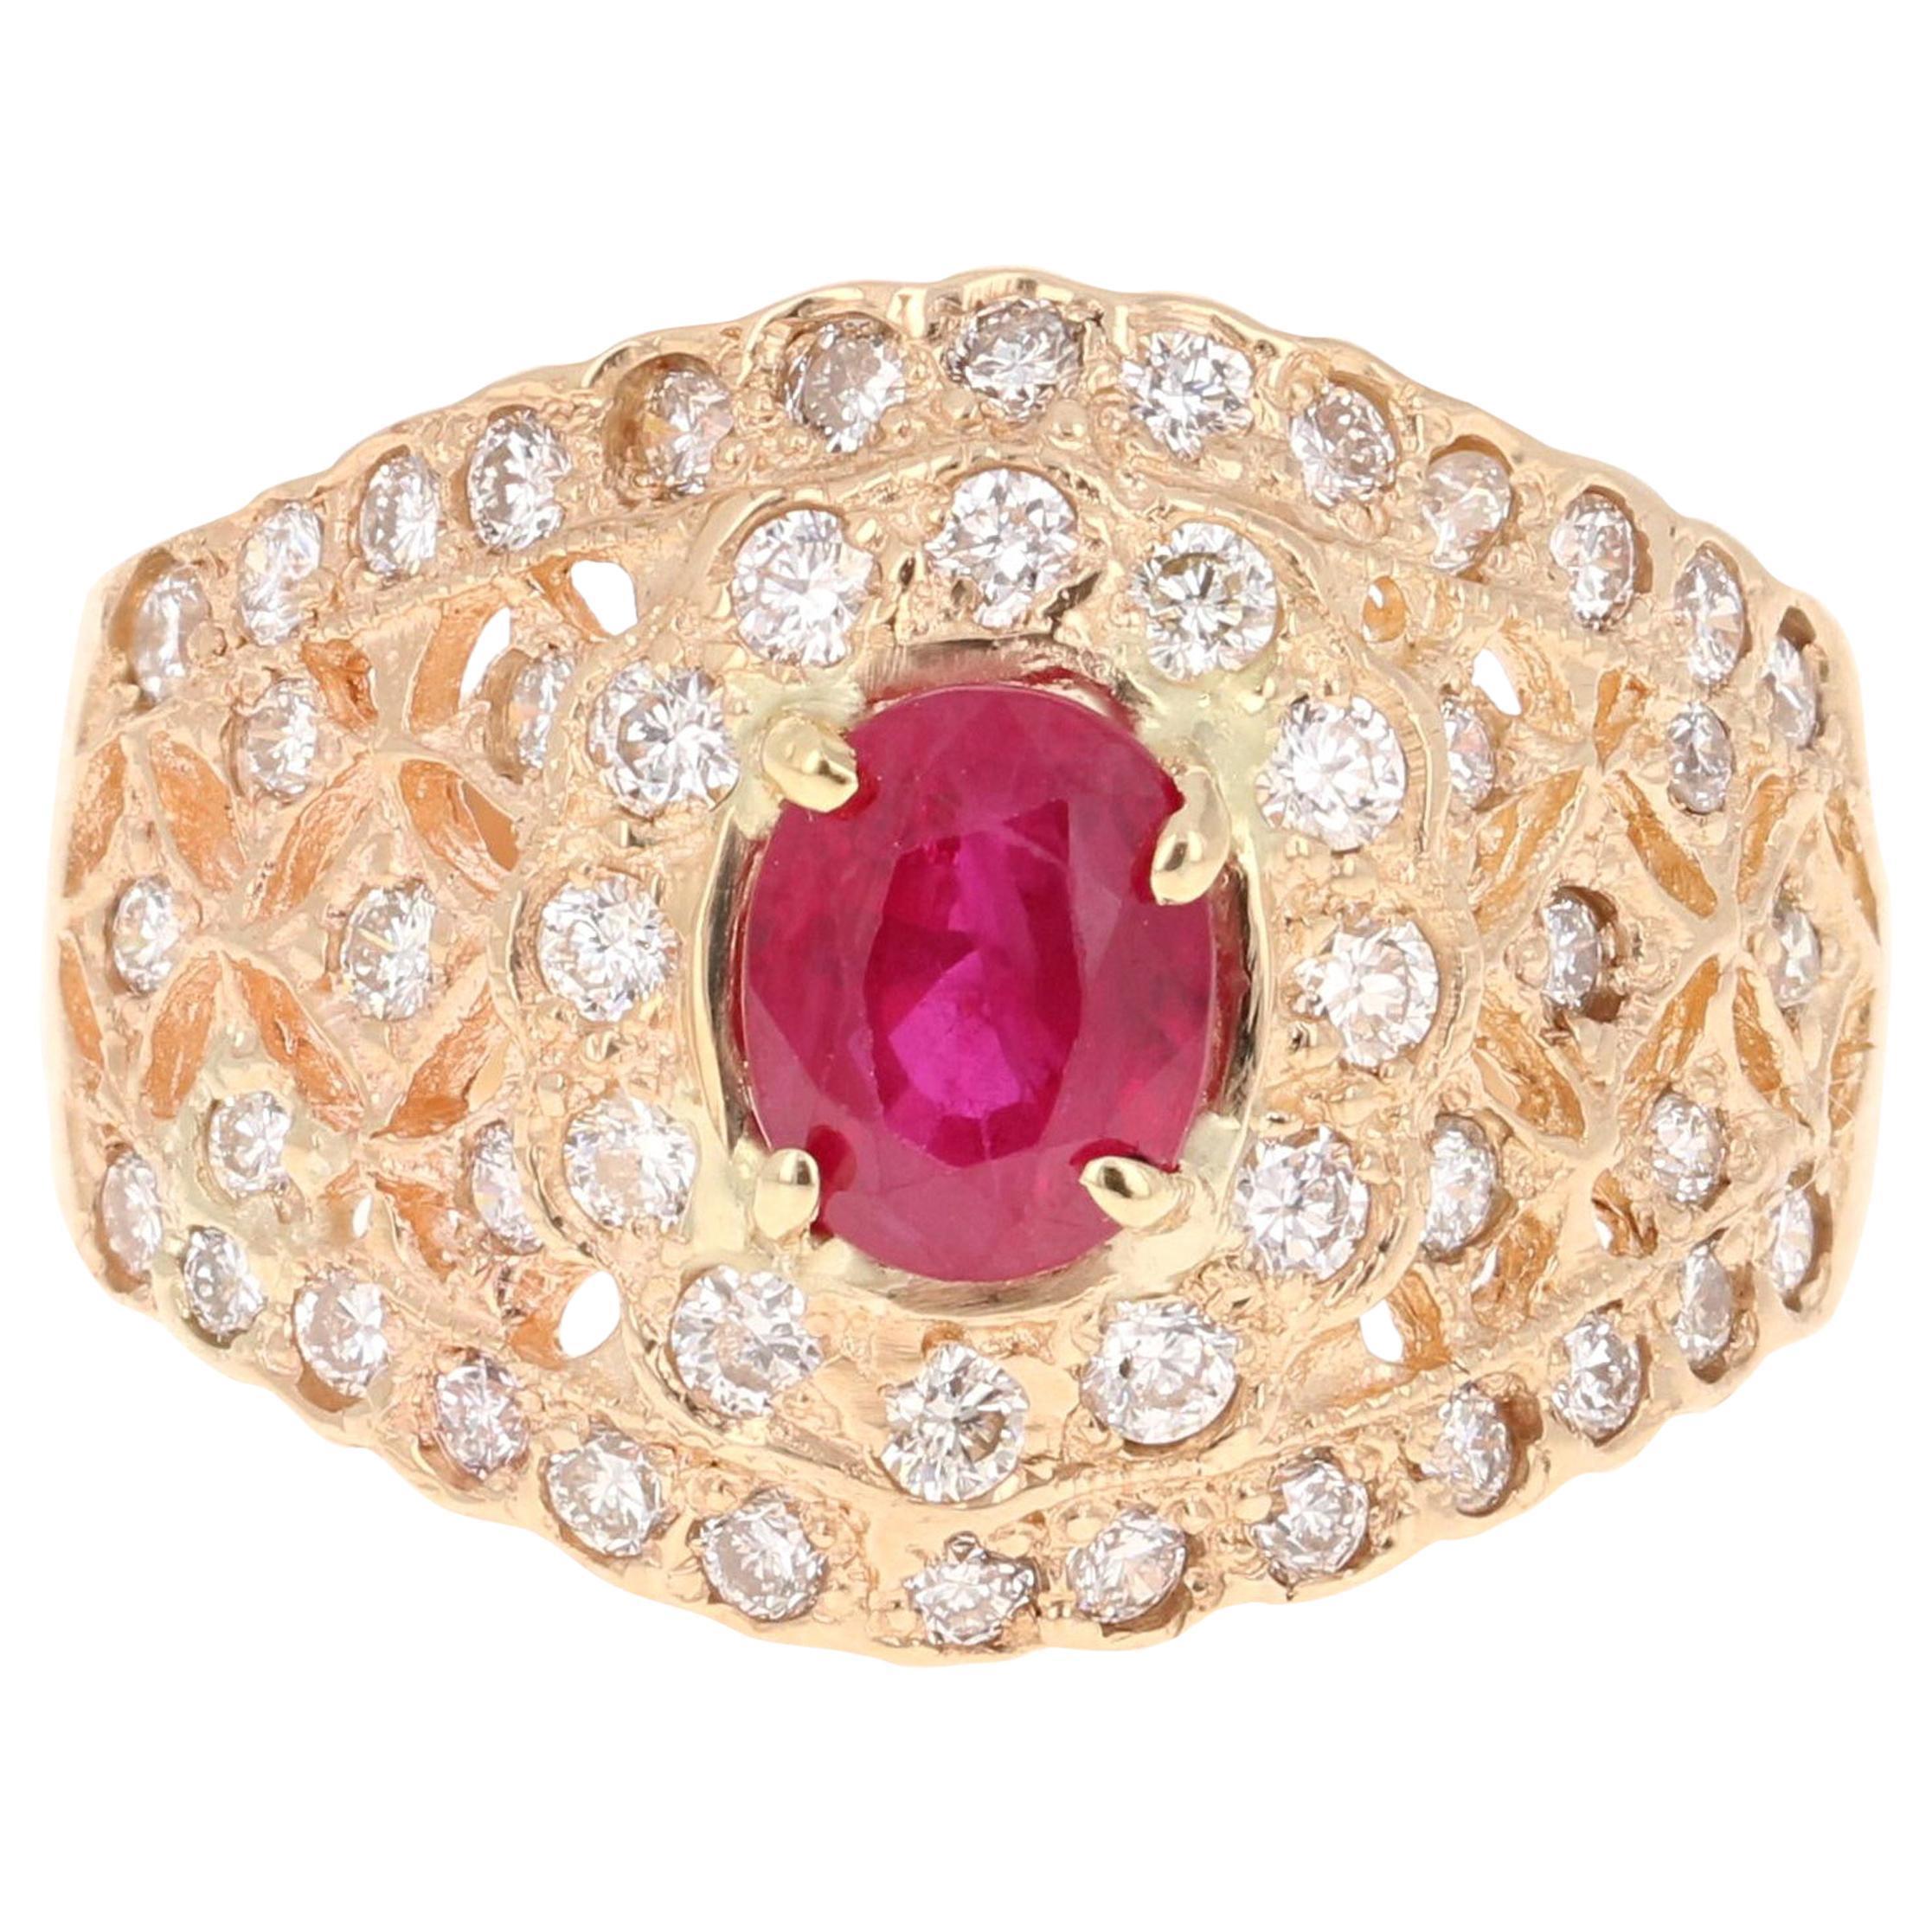 1.88 Carat Ruby Diamond 4 Karat Yellow Gold Ring